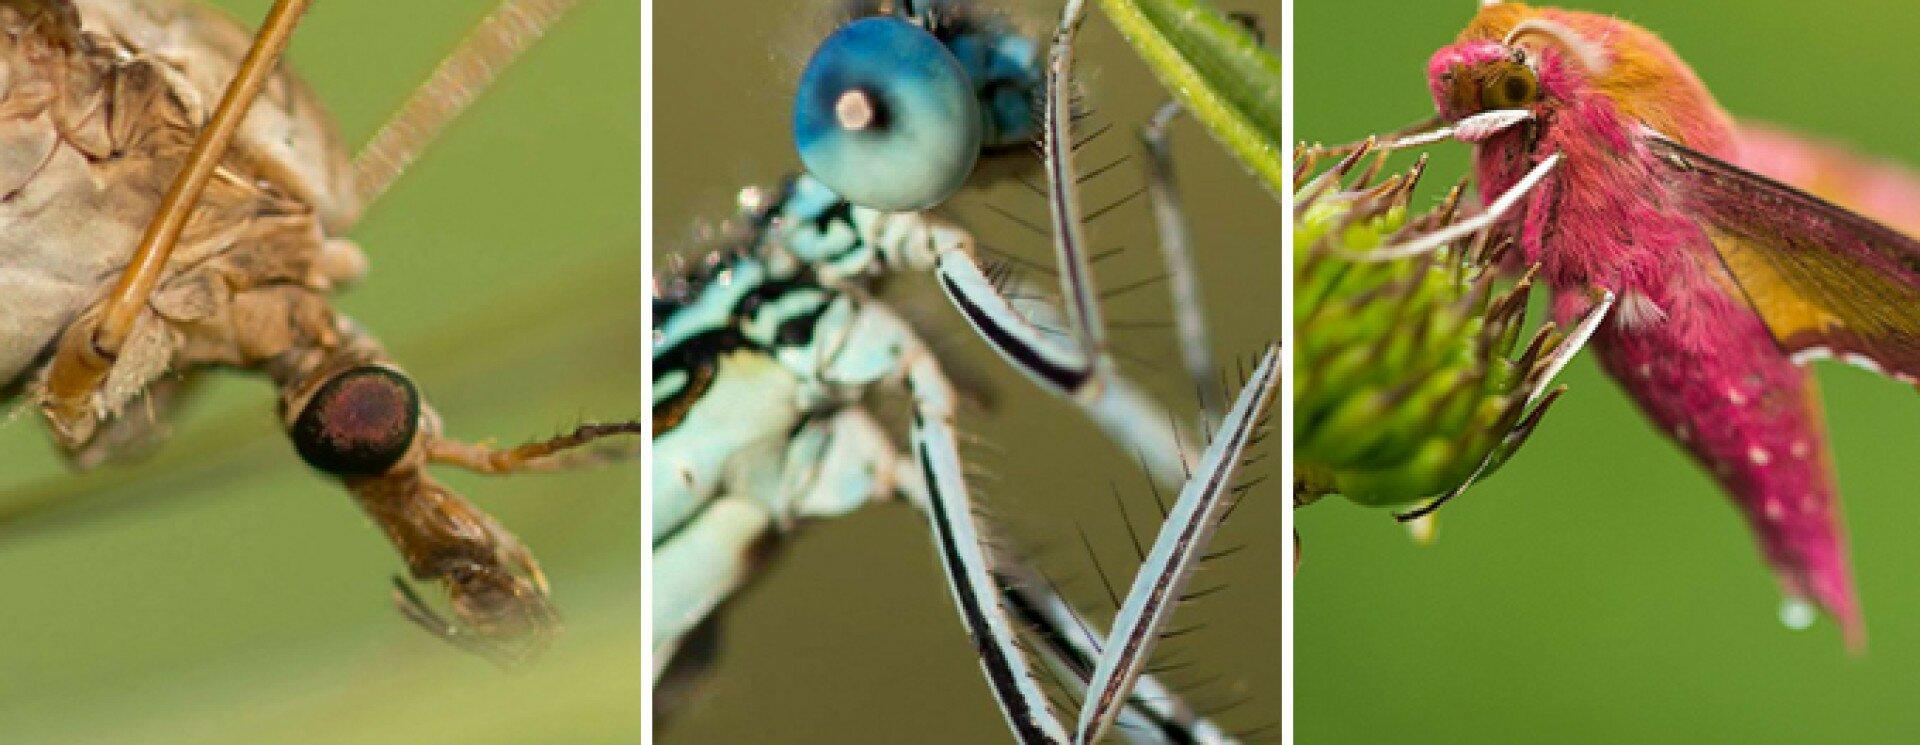 Vízben élő védett rovarok